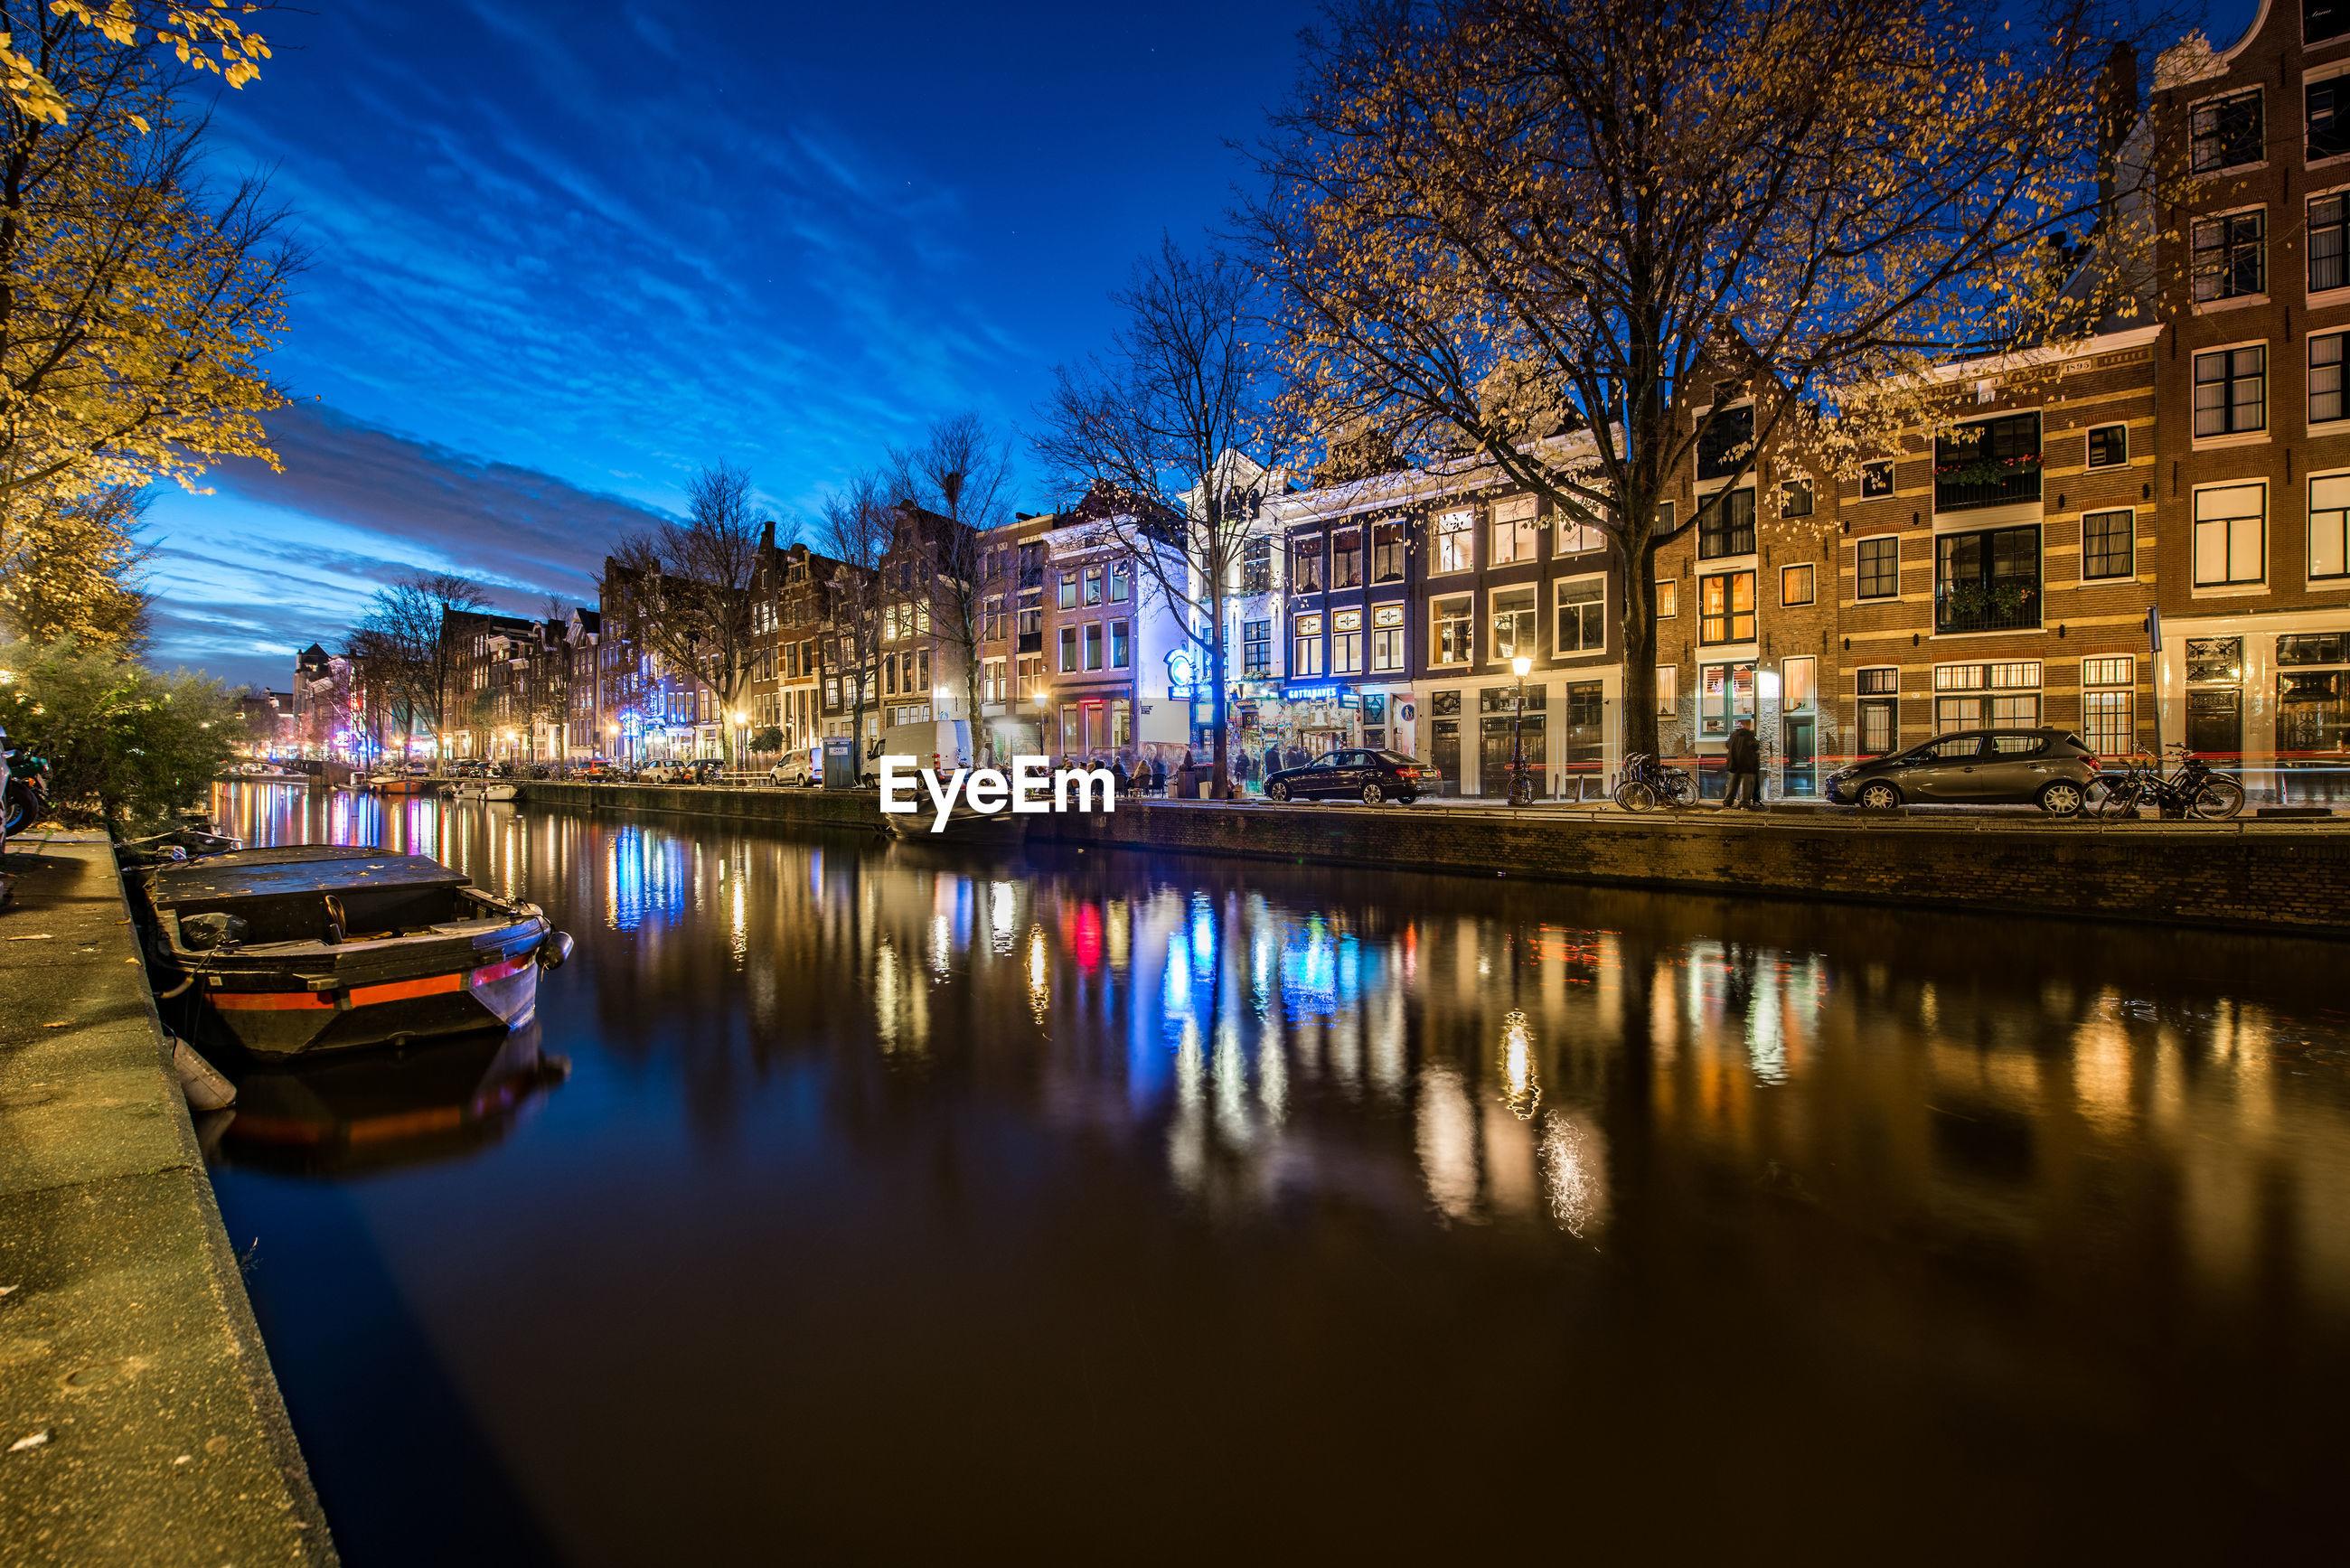 CANAL AMIDST ILLUMINATED CITY AT NIGHT